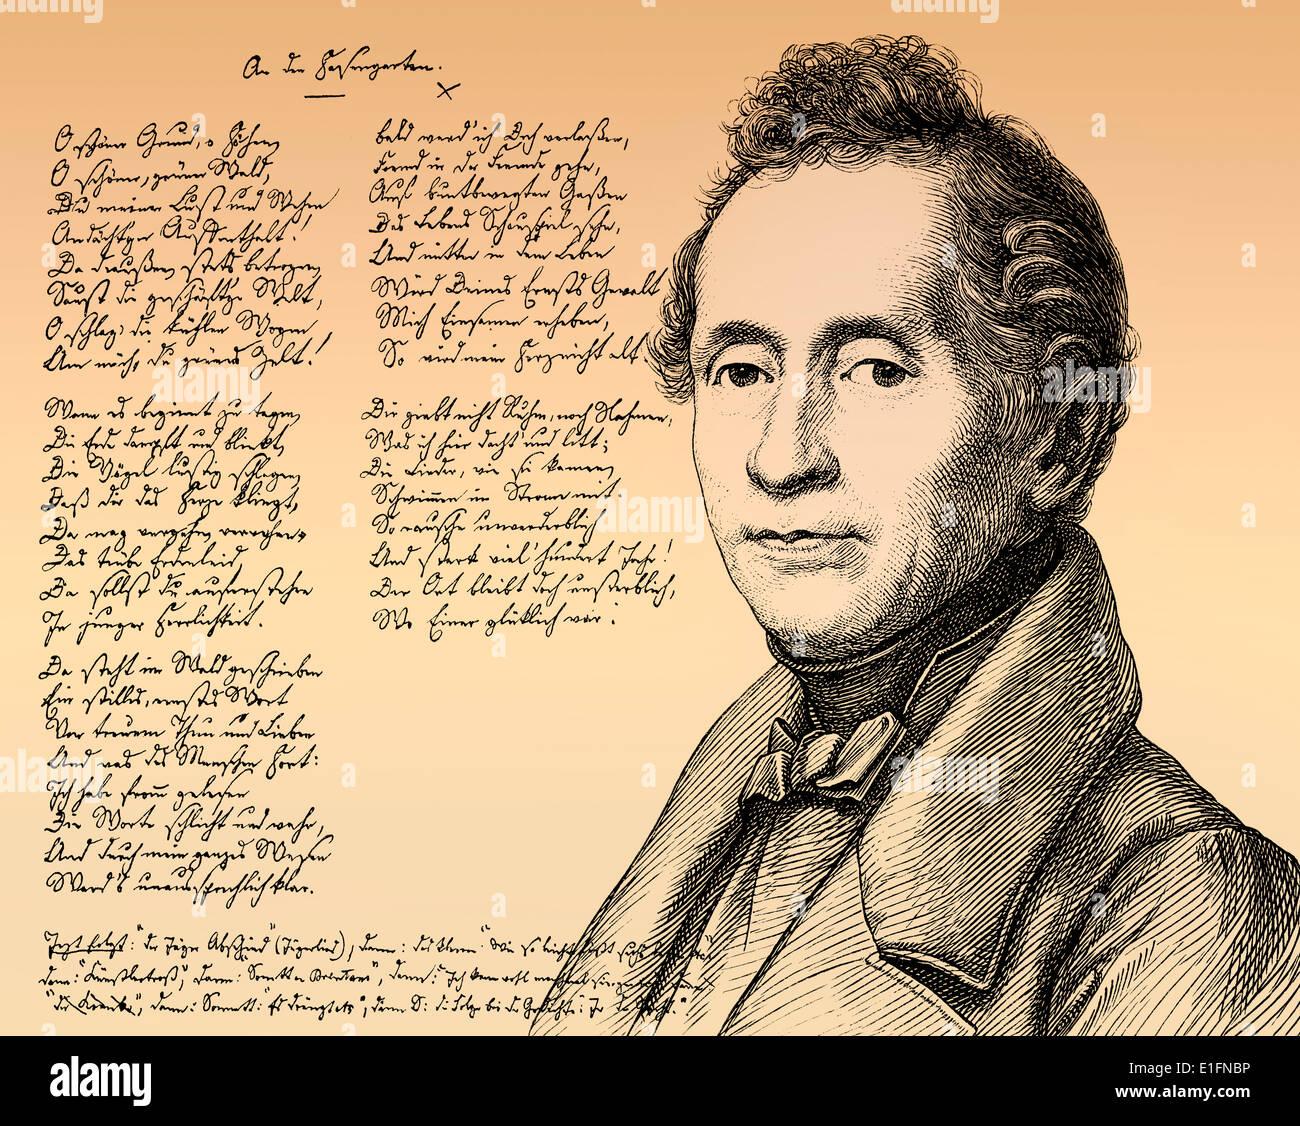 Abschied, handschriftlichen Gedicht von Joseph Karl Benedikt Freiherr von Eichendorff, 1788-1857, Dichter und Schriftsteller der deutschen Romantik Stockbild